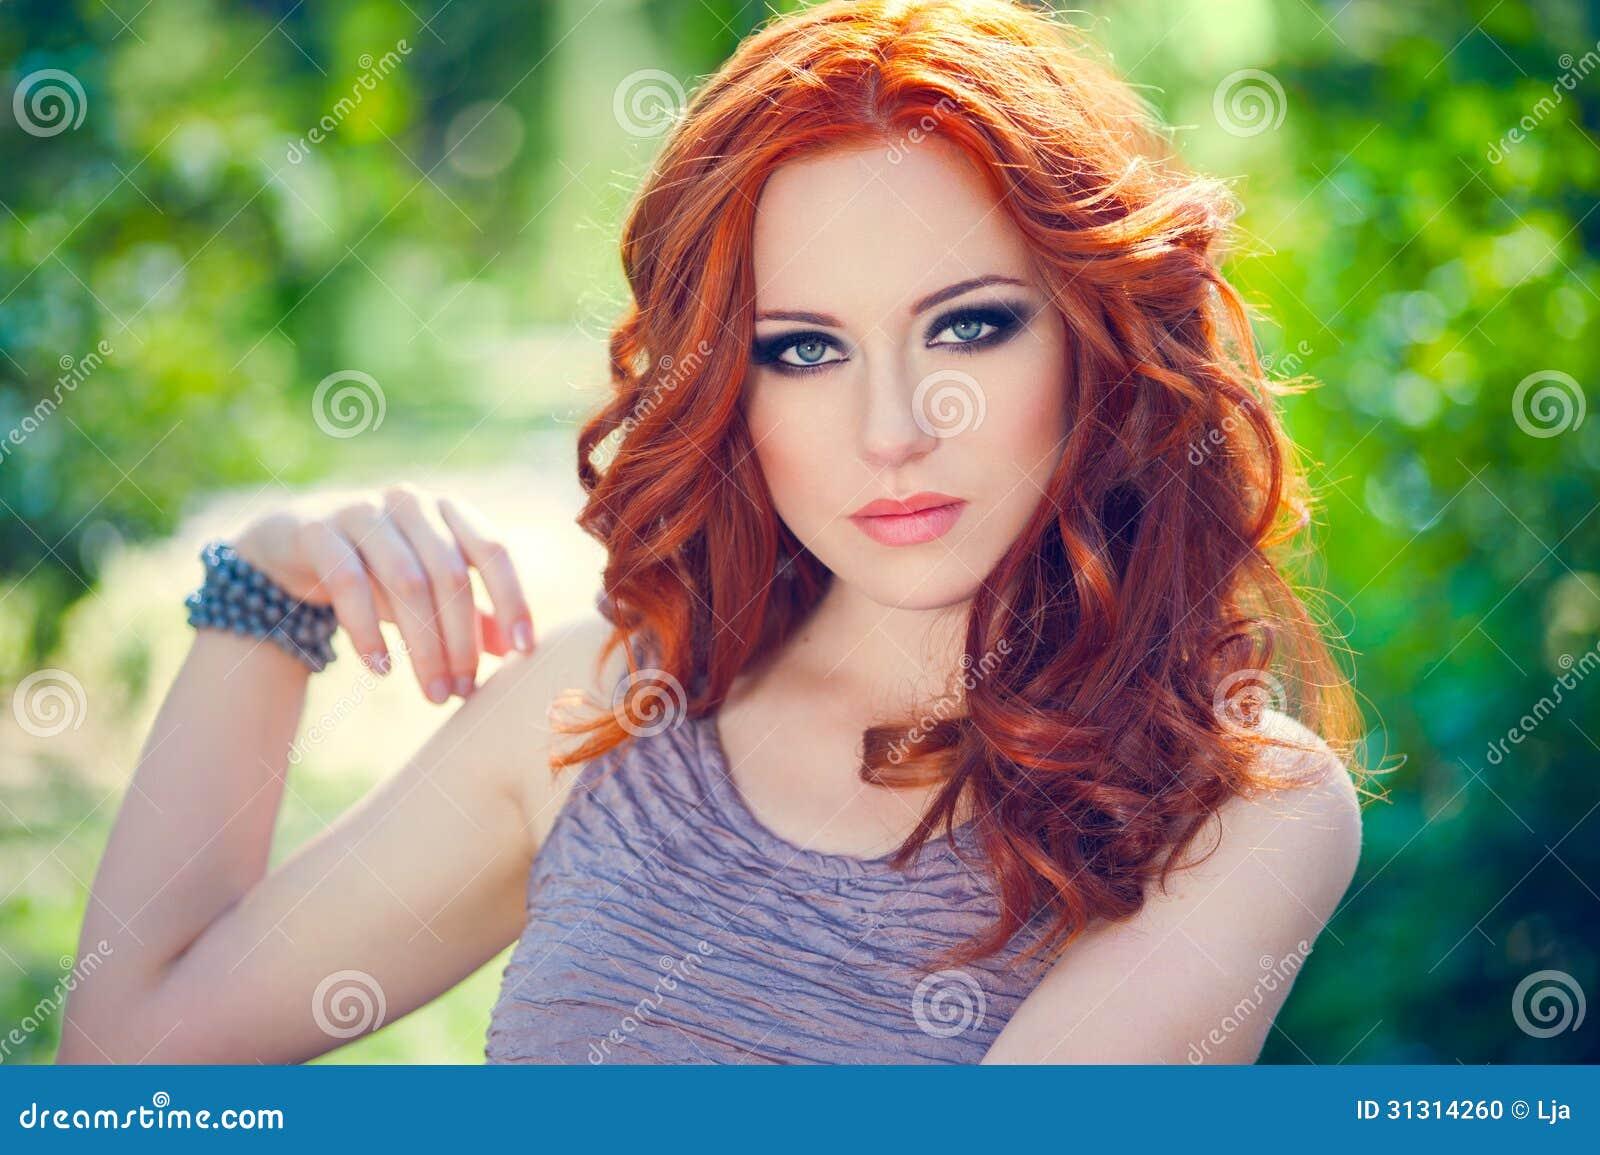 Макияж для рыжей девушки фото